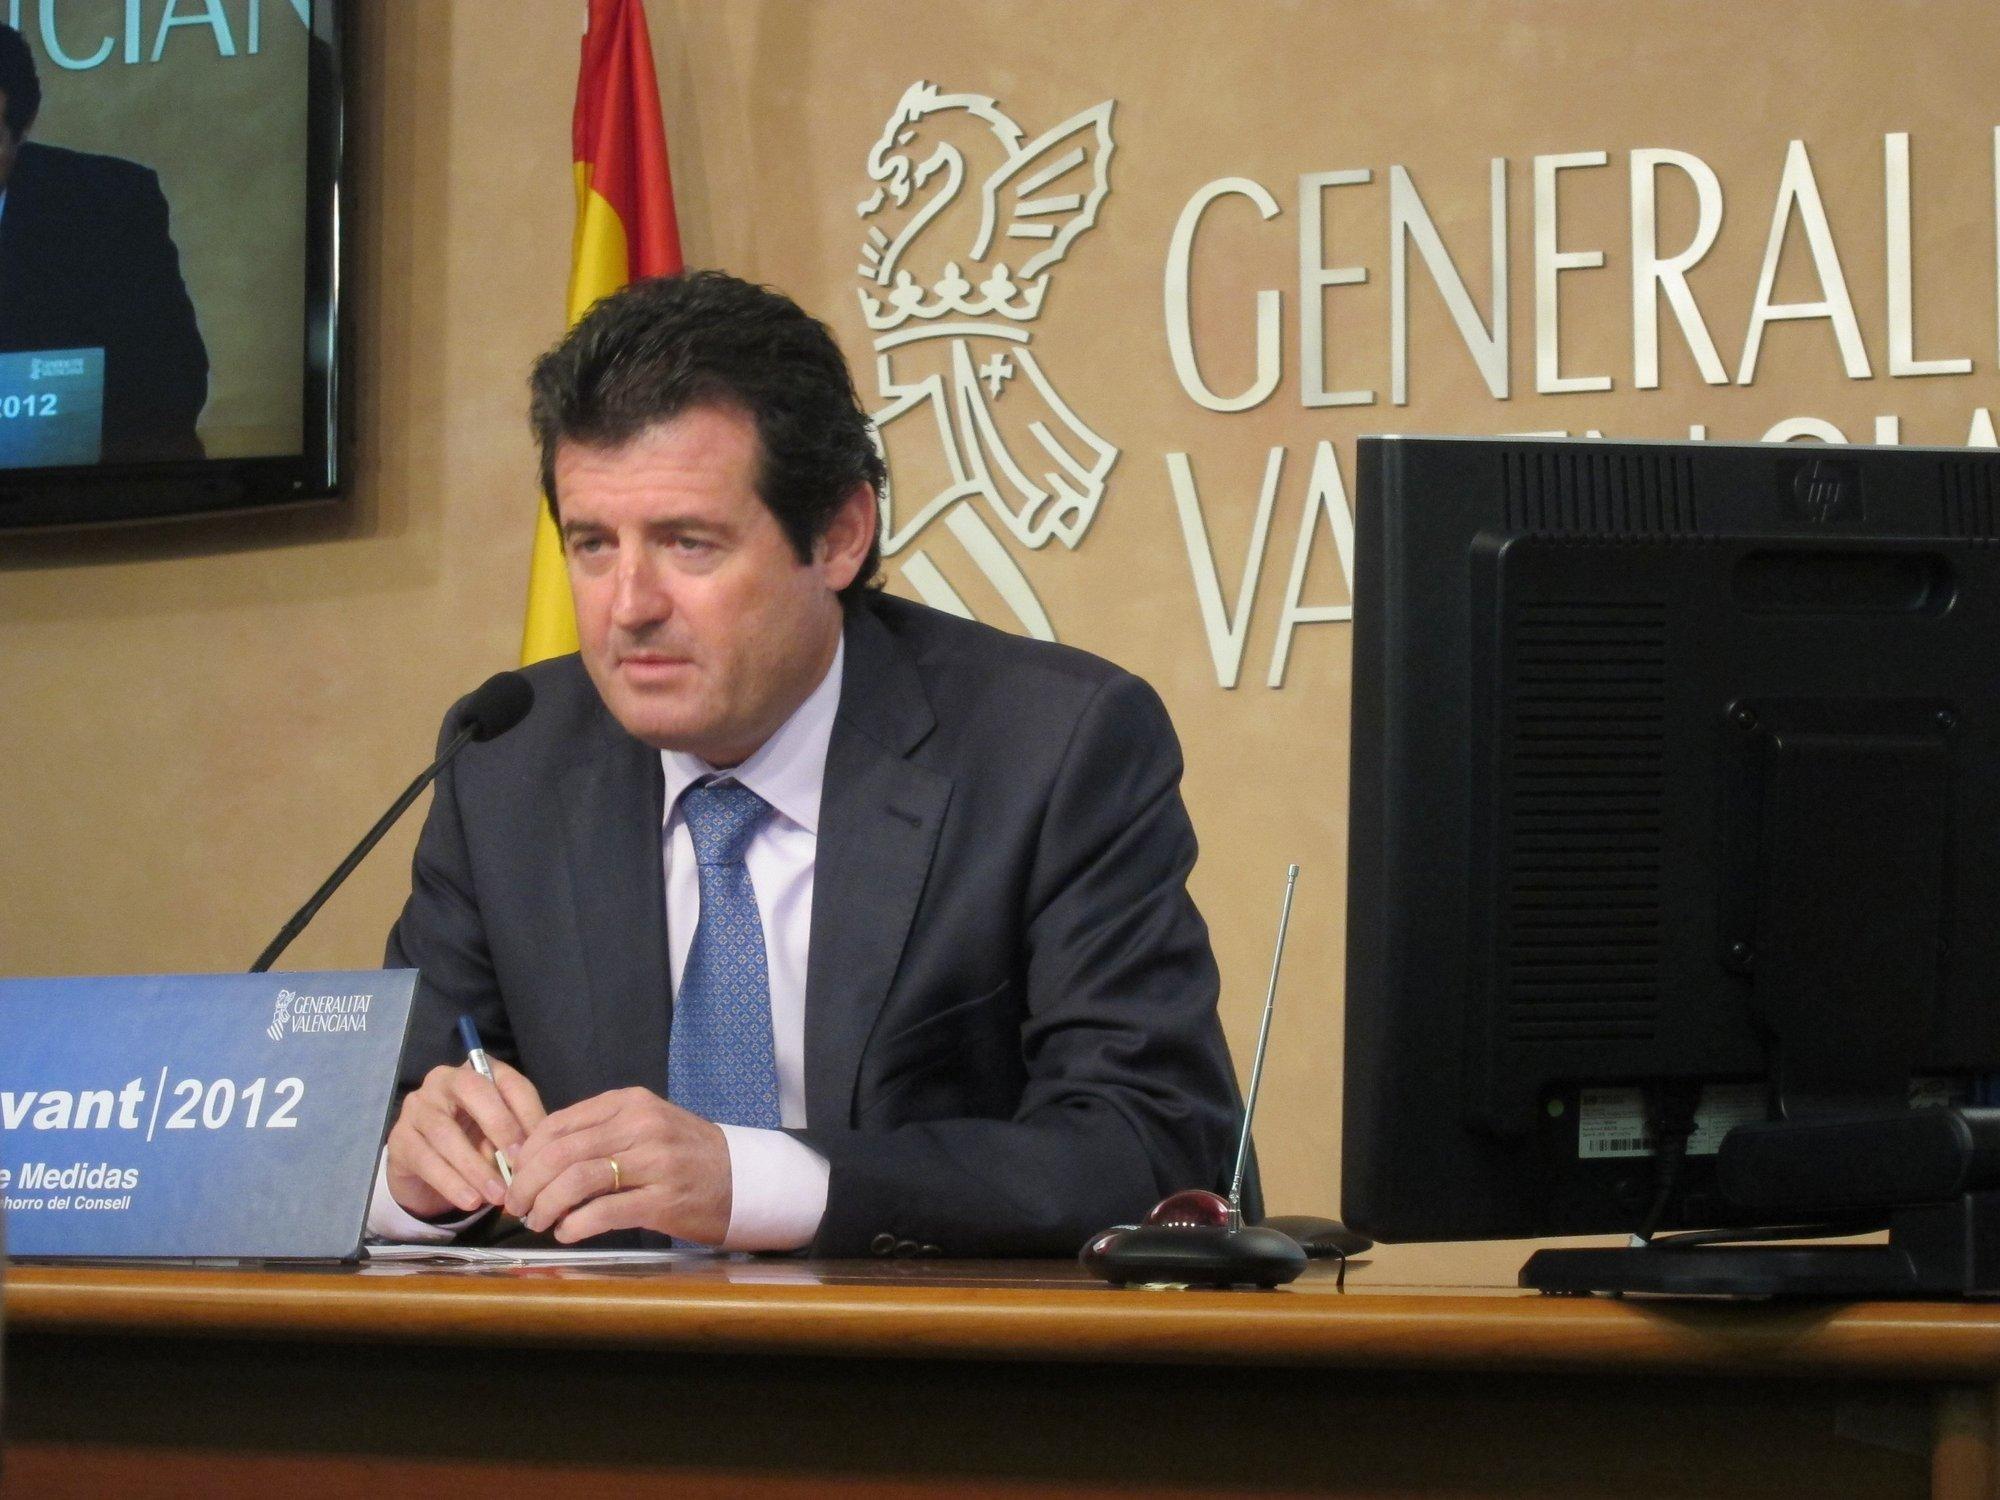 Císcar recuerda que las cuentas del PPCV están fiscalizadas y no se ha detectado «ninguna anomalía»